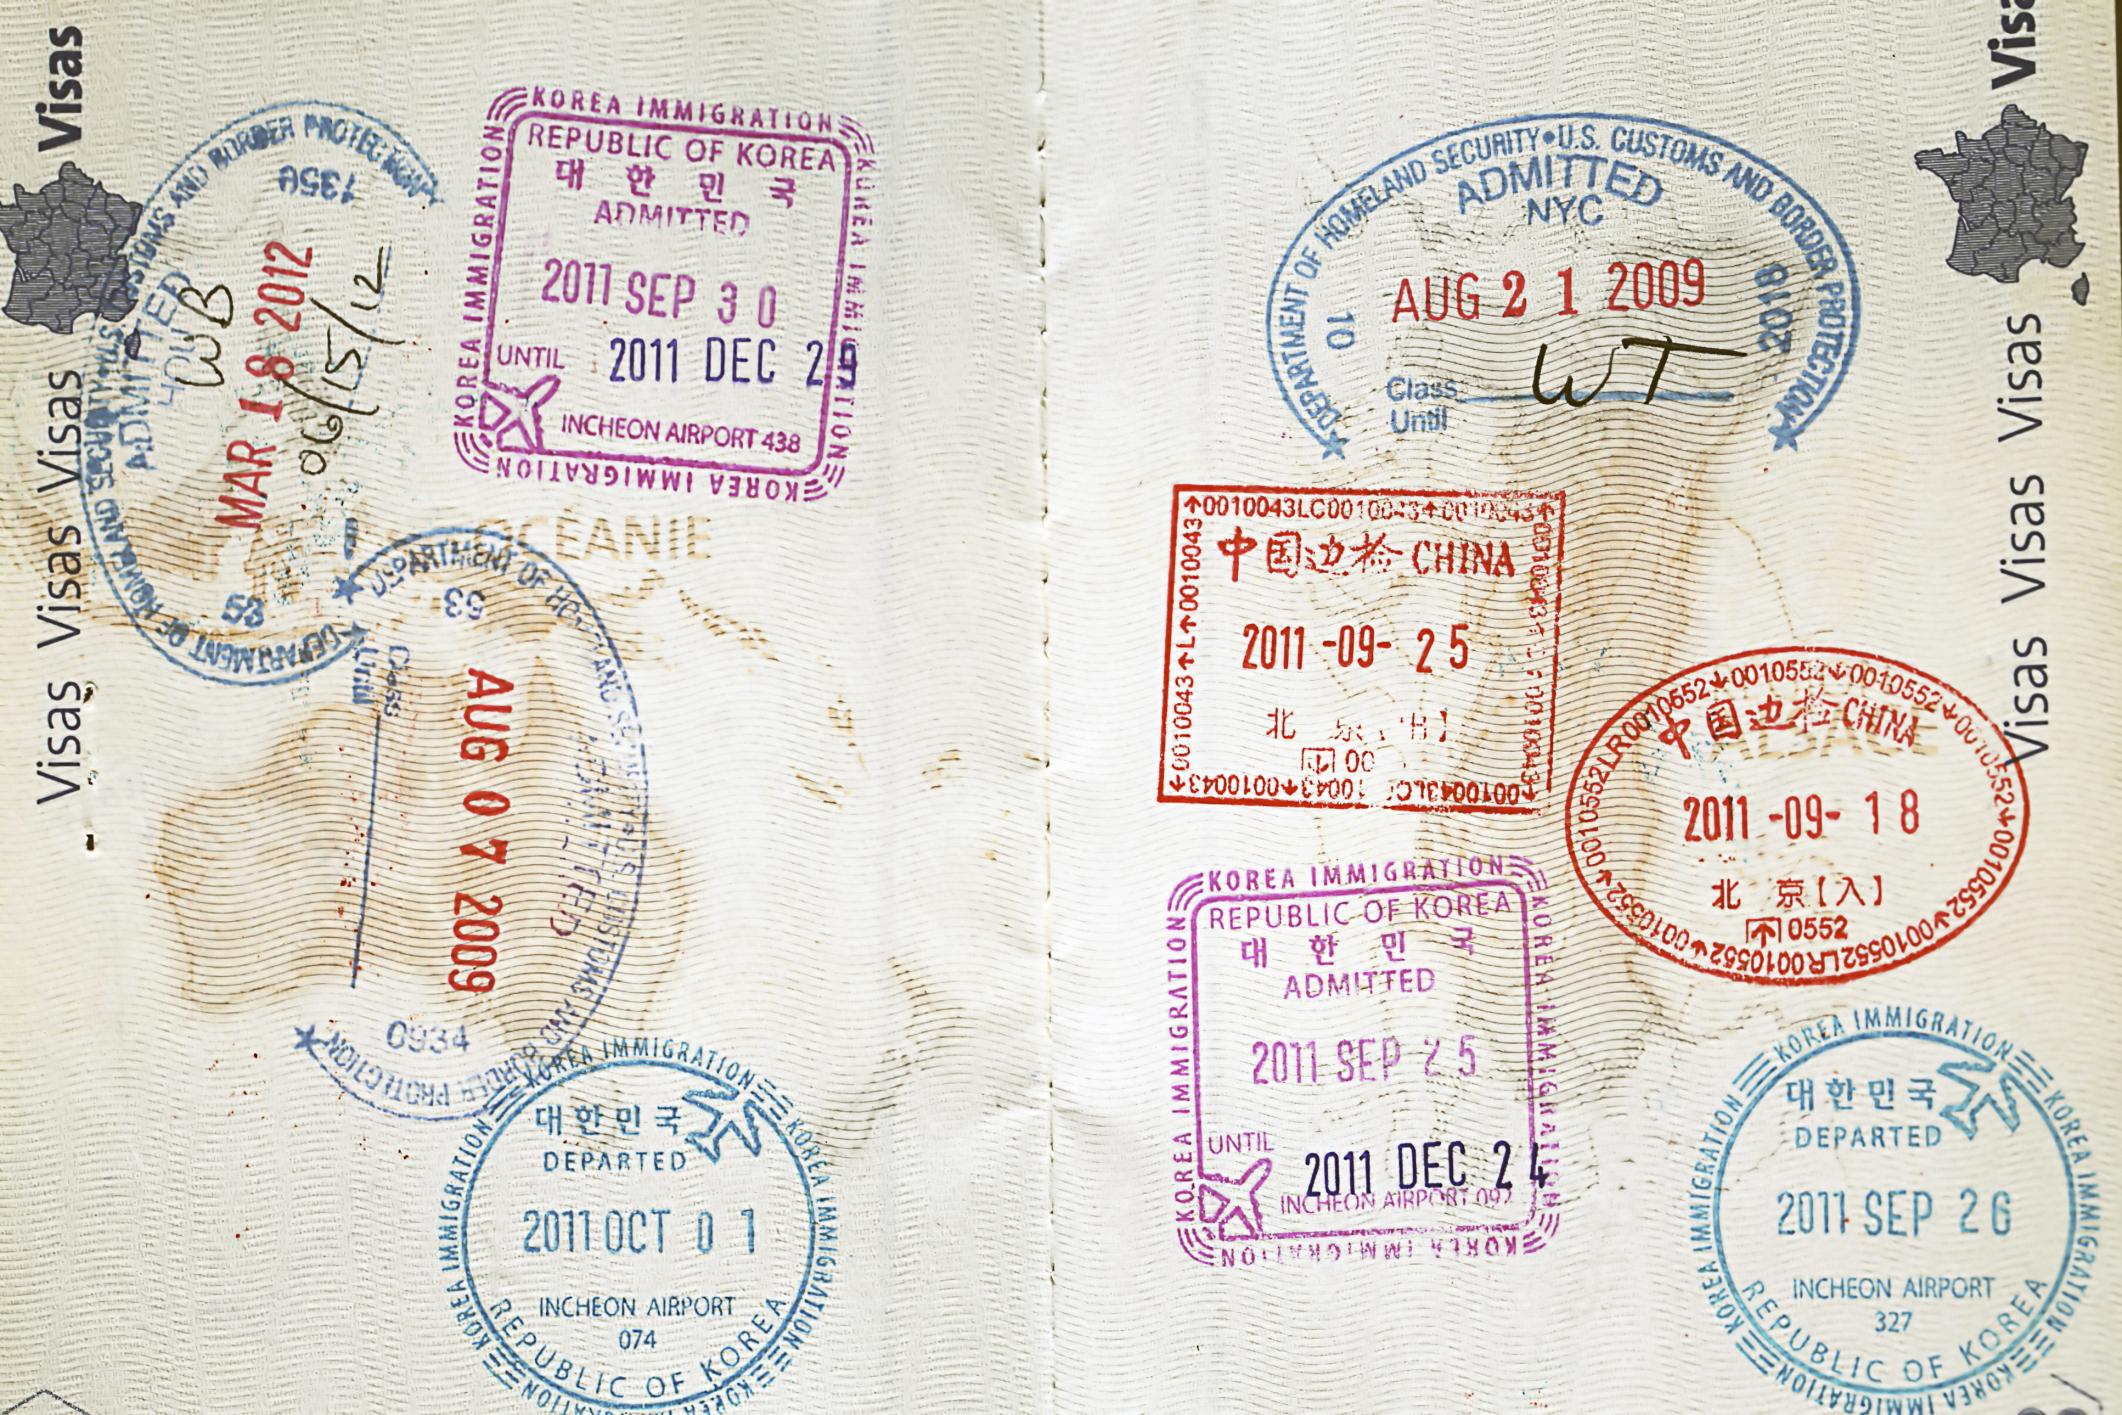 Vas A Viajar Al Extranjero La Sre Emite: Cómo Obtener Un Pasaporte Para Un Niño De 2 Años De